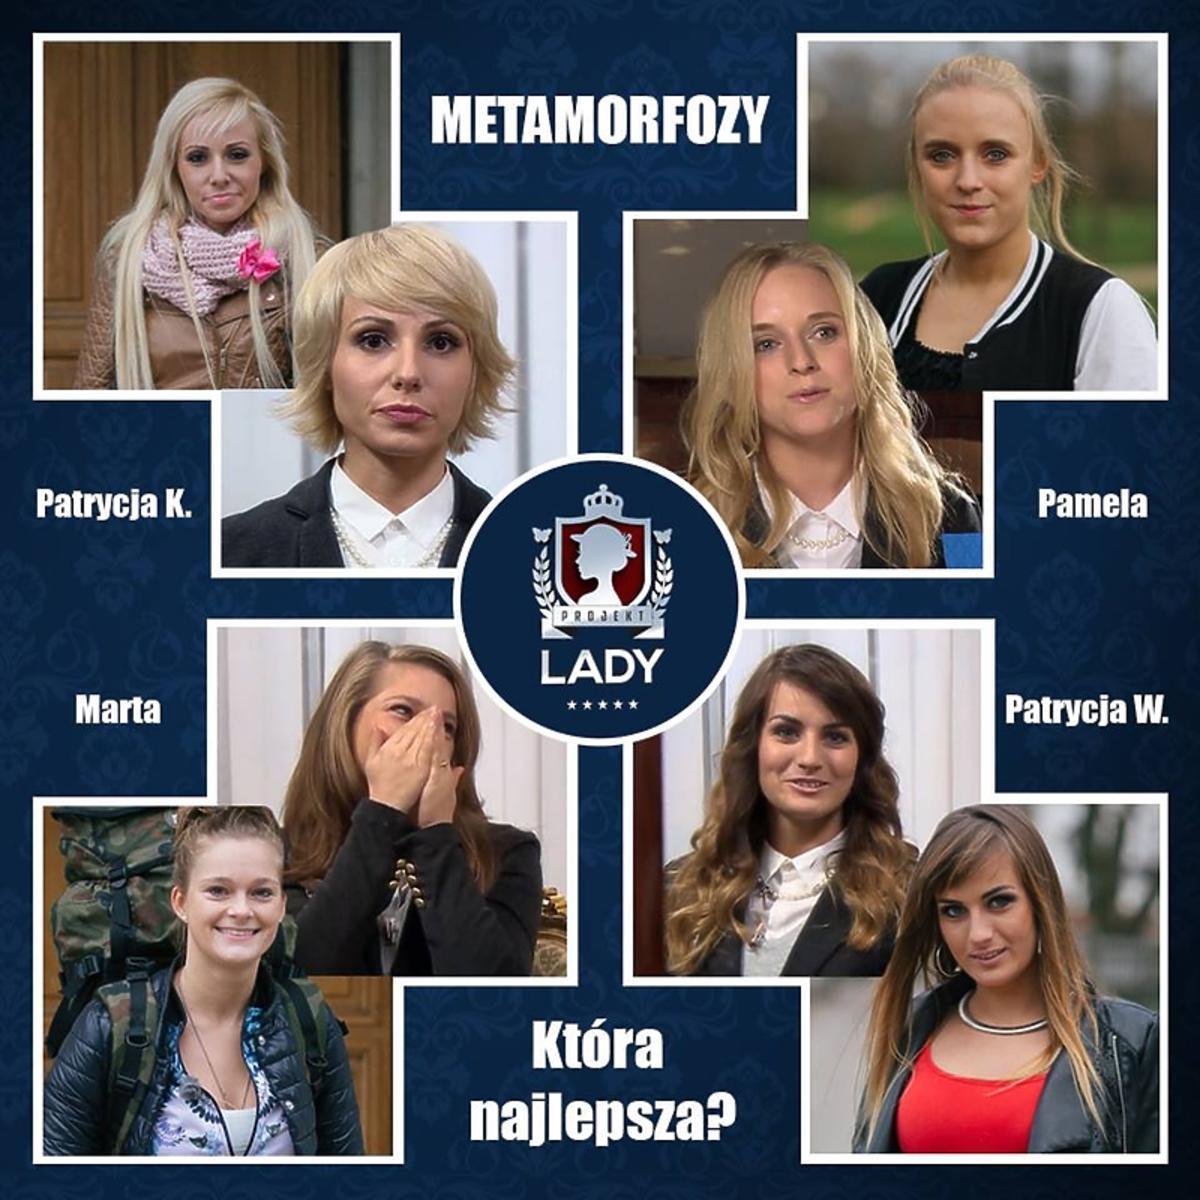 Metamorfozy uczestniczek programu Projekt Lady